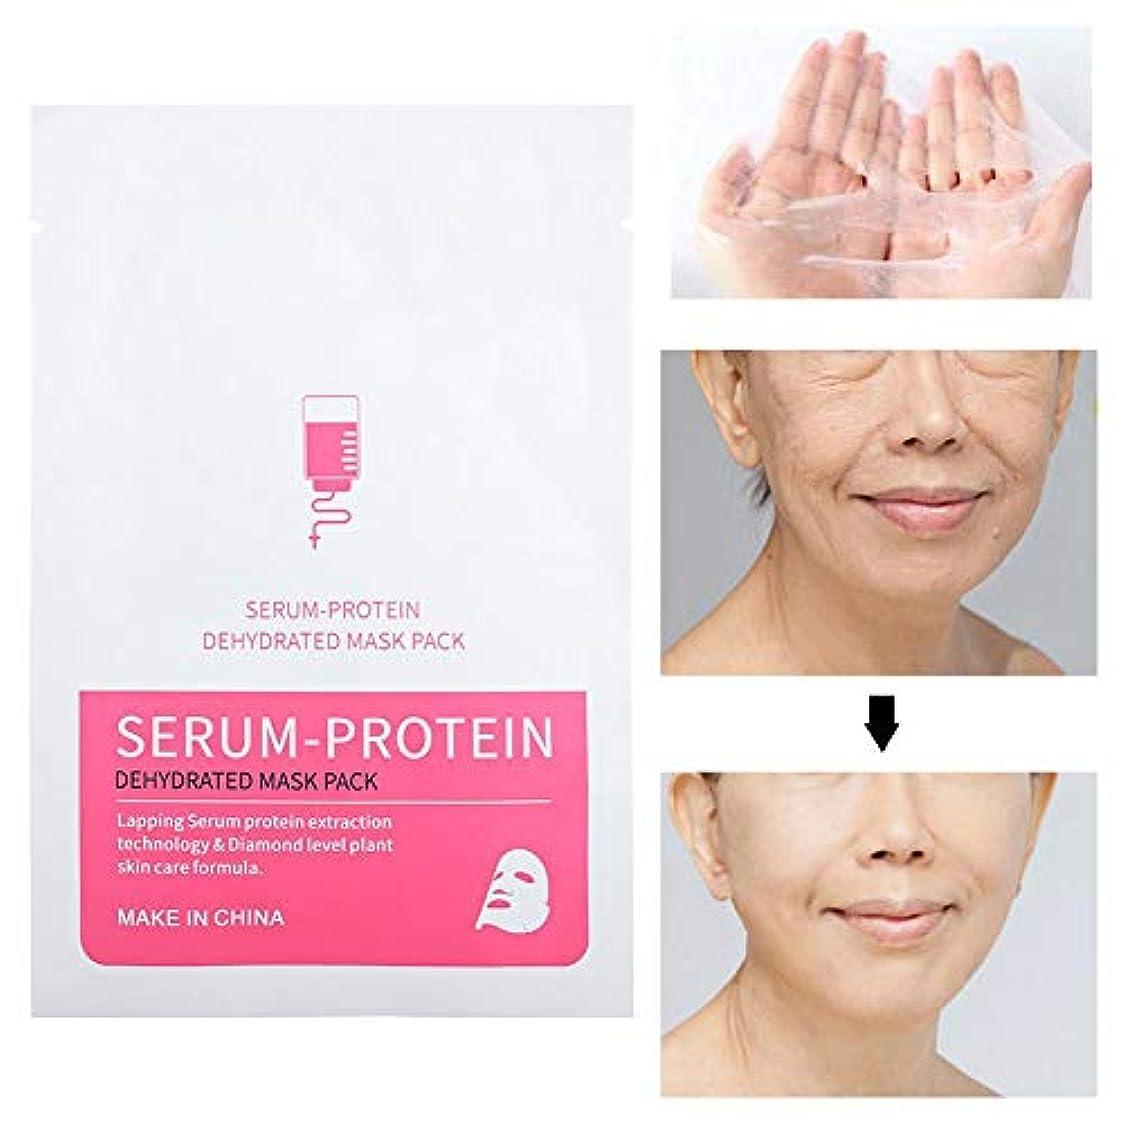 ビル入力ライナー3.5g血清蛋白質のマスク、凍結乾燥させた粉のマスクをしっかり止める反しわの収縮の気孔